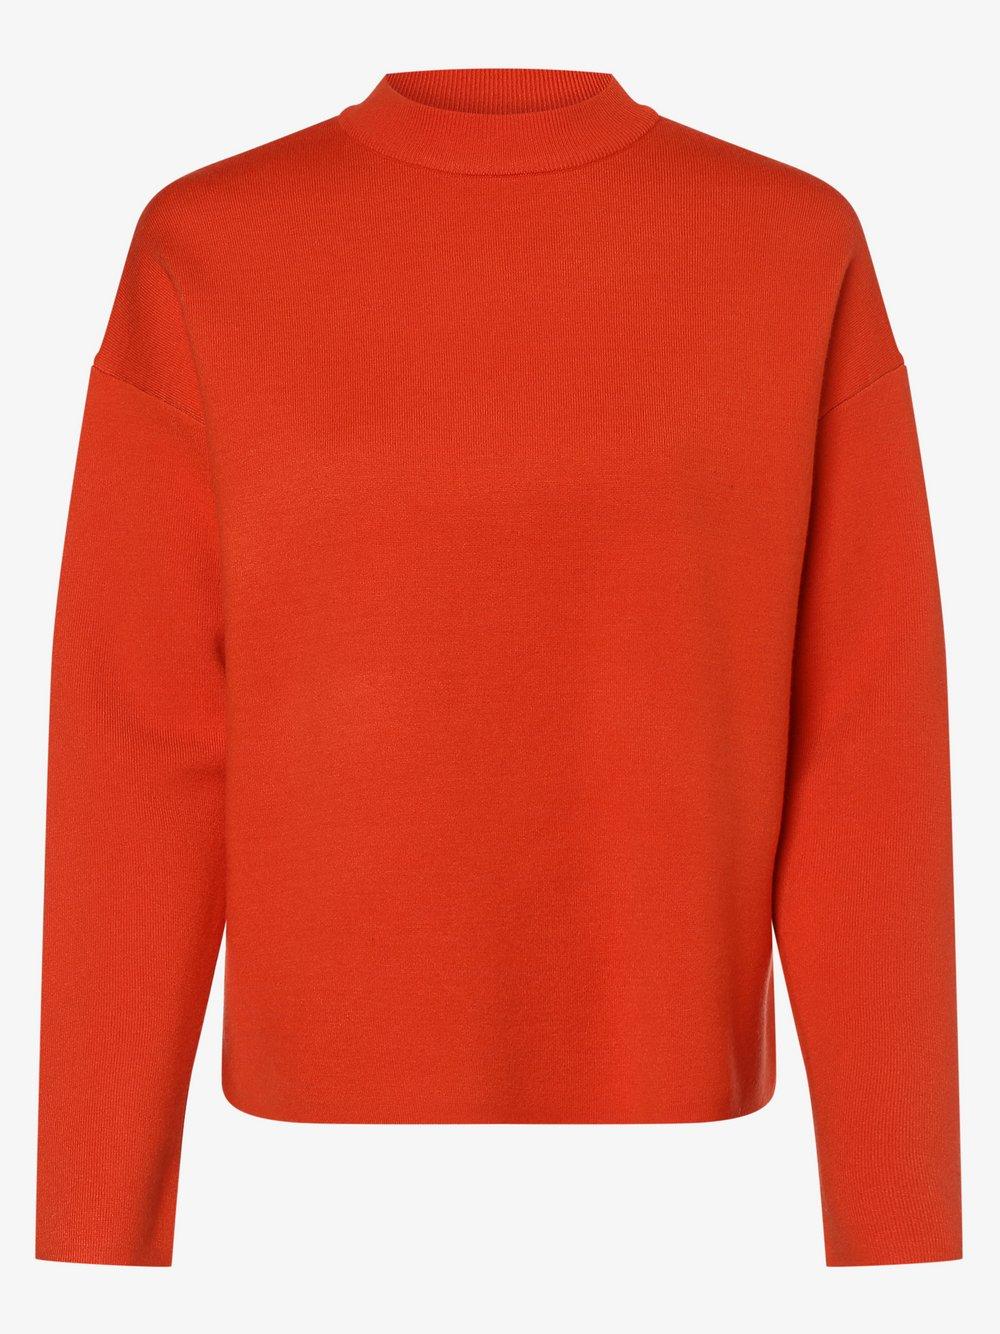 Opus - Sweter damski – Preffi, pomarańczowy